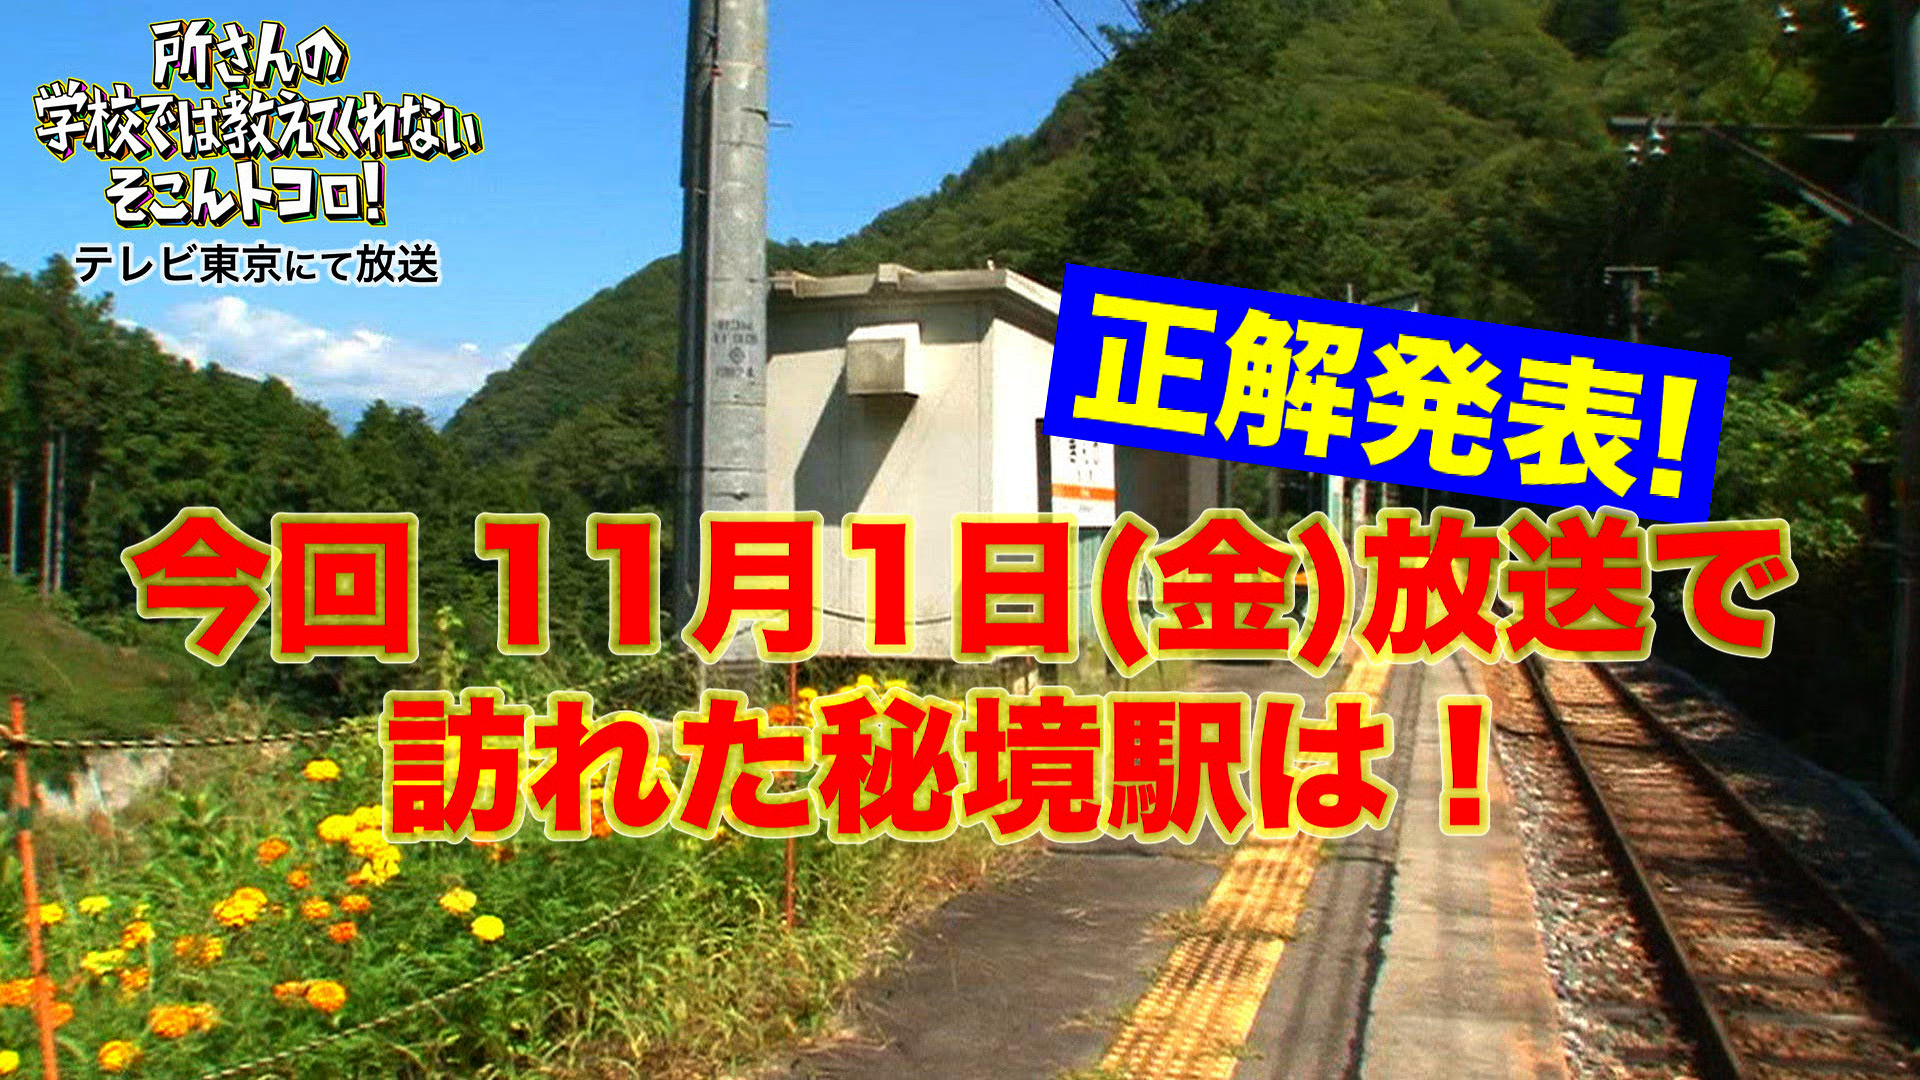 【11月1日(金)放送の正解を発表!!】「所さんのそこんトコロ!」で訪れた秘境駅はどこ?